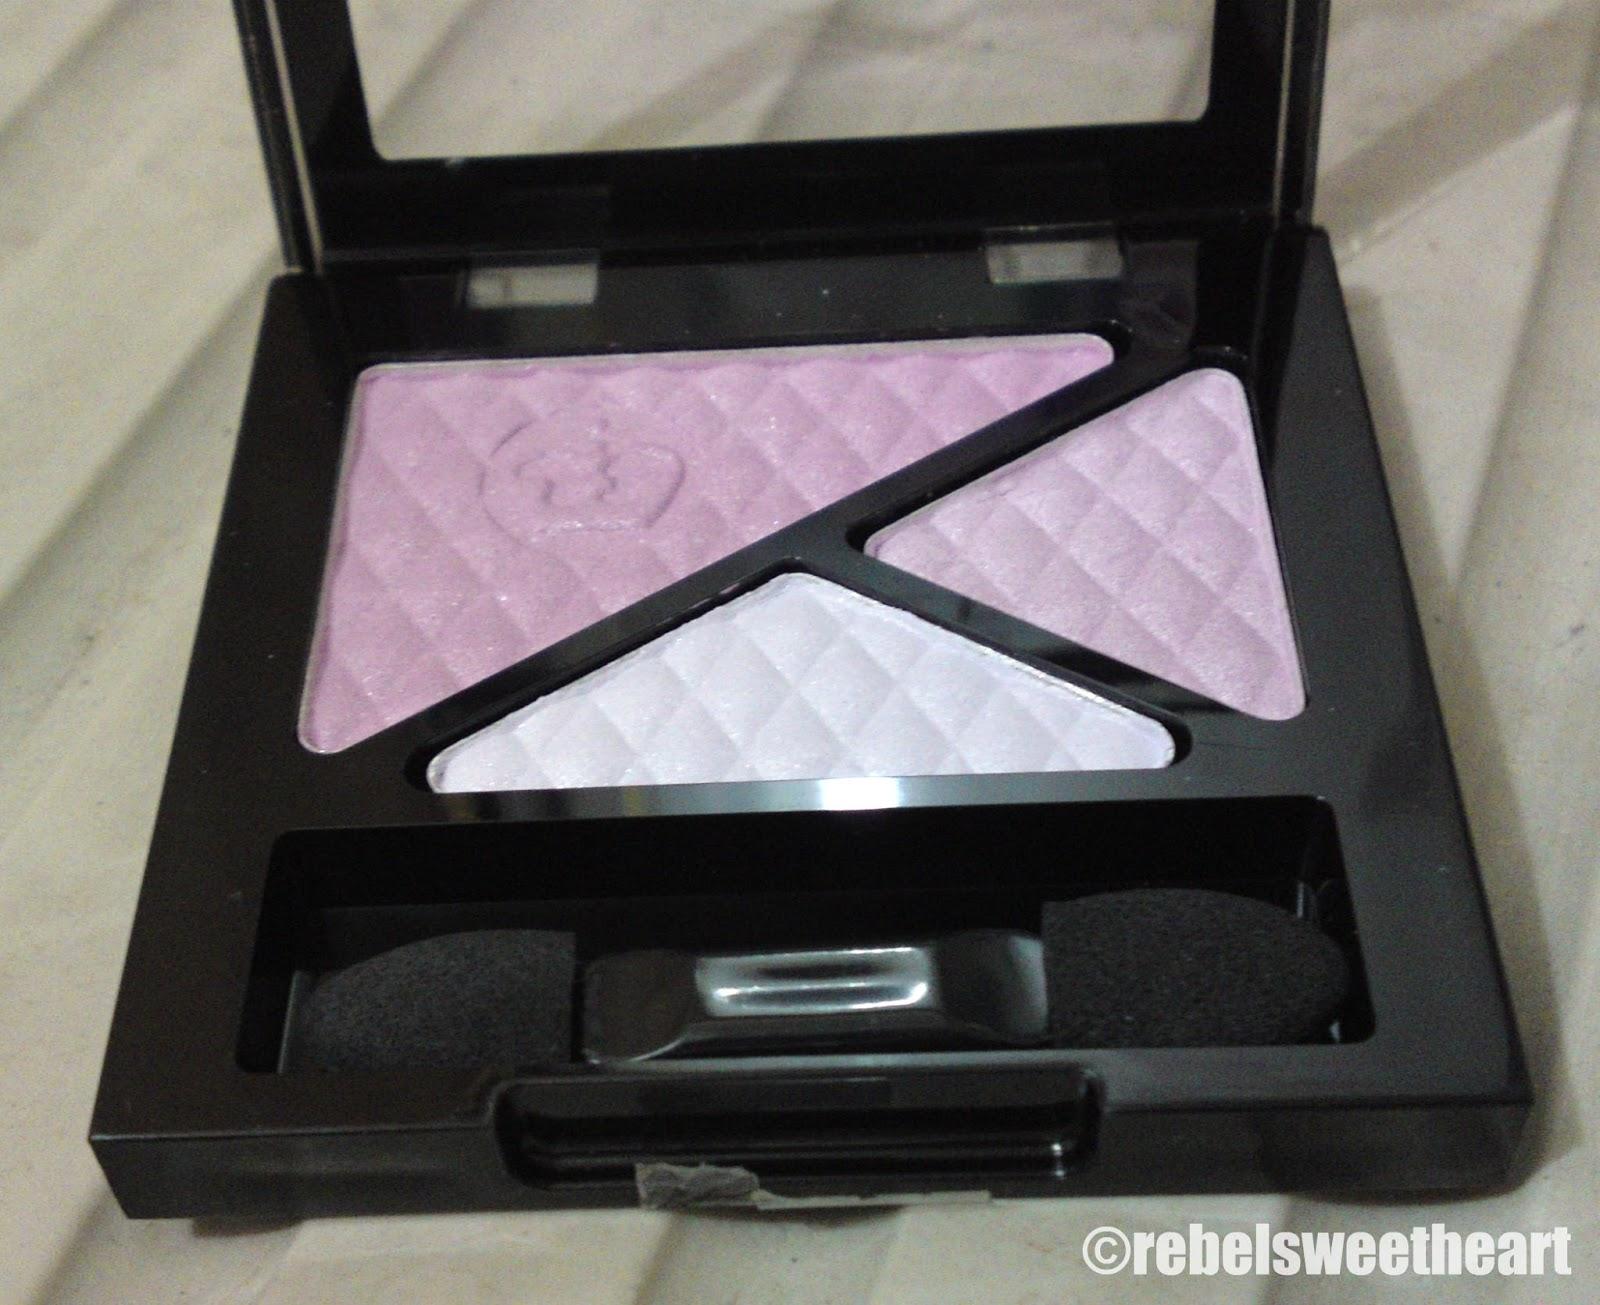 The Rebel Sweetheart Spotlight Rimmel Glameyes Trio Eyeshadow 1 Purple Is Love